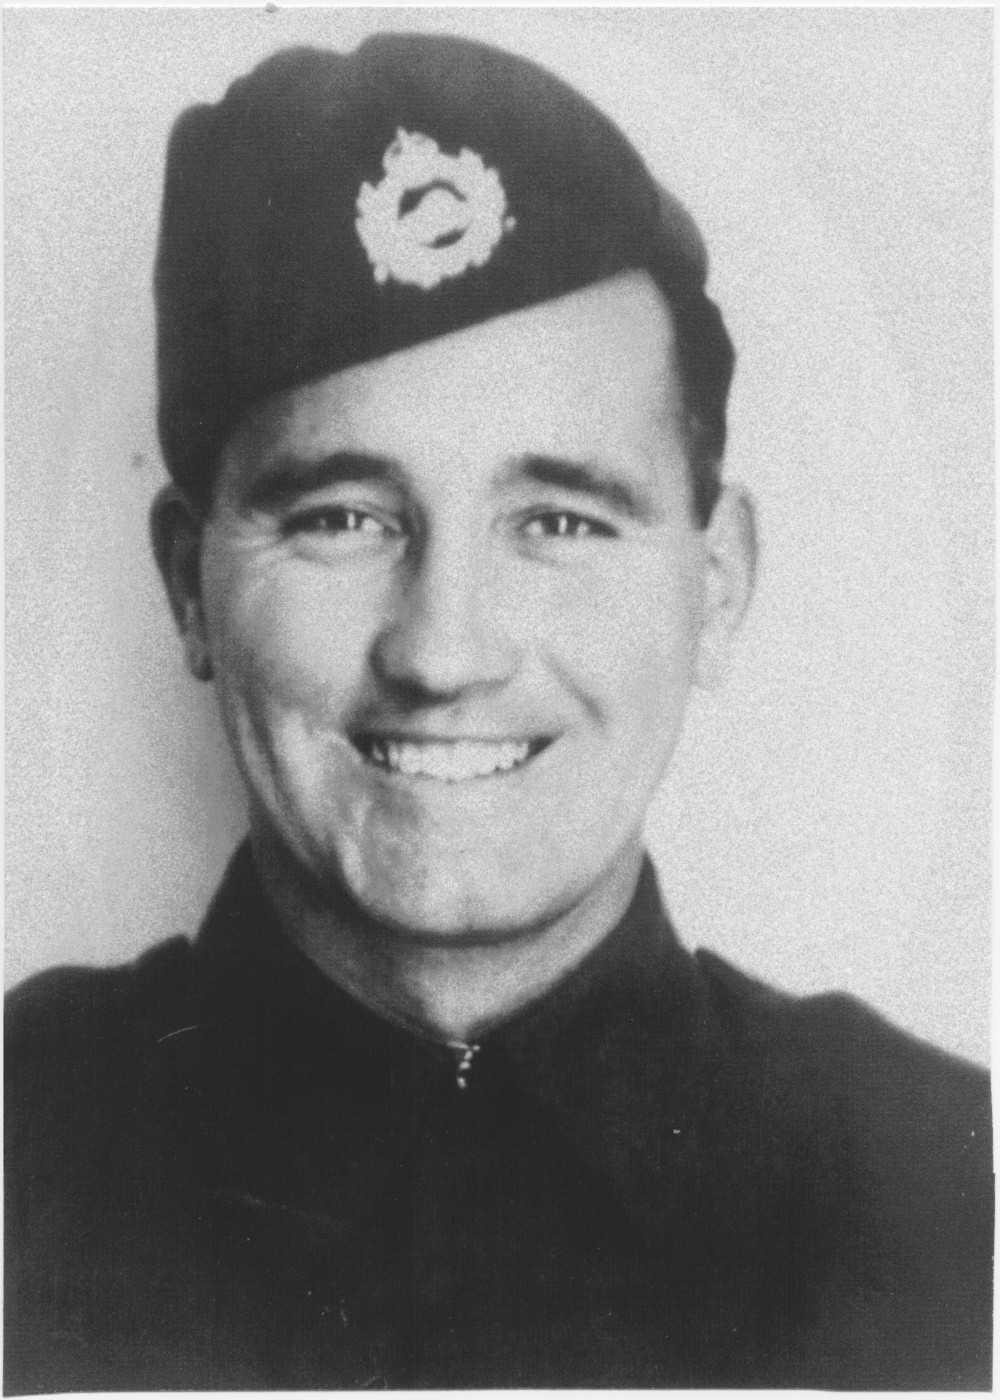 Photo of HENRY DAVID DORWARD